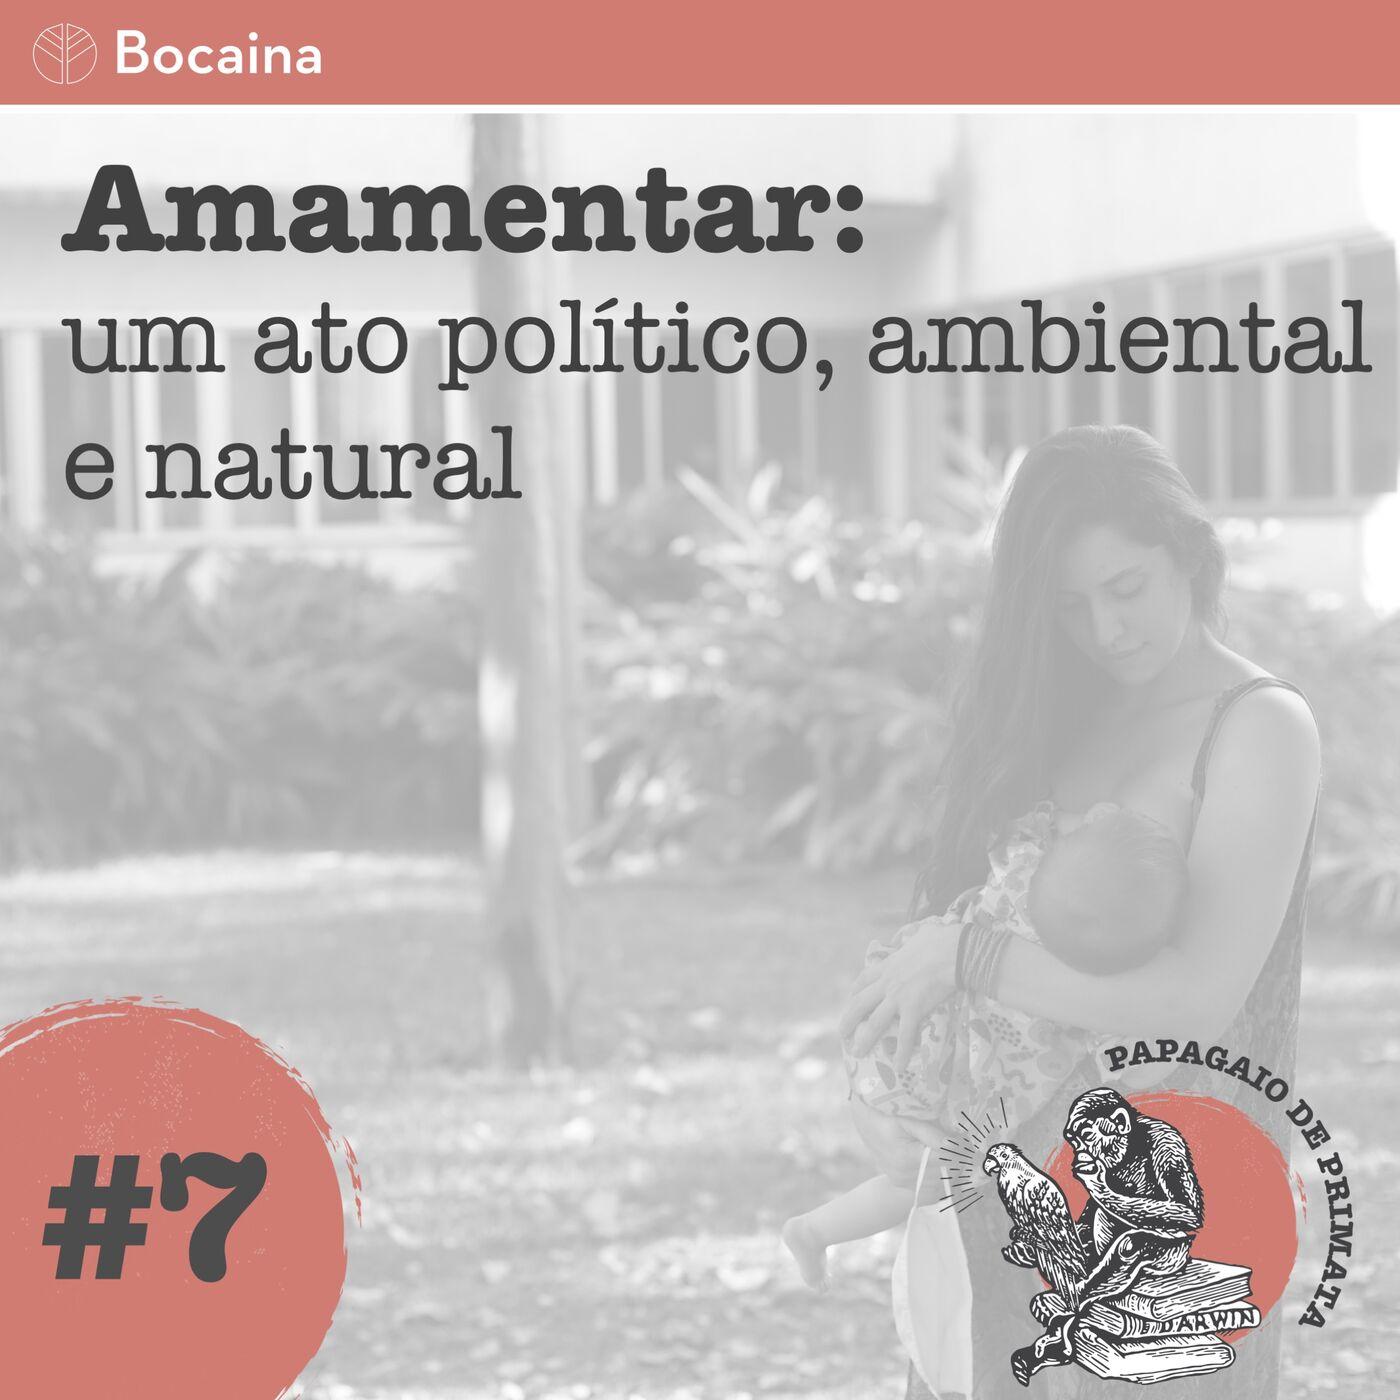 #7 - Amamentar: um ato político, ambiental e natural